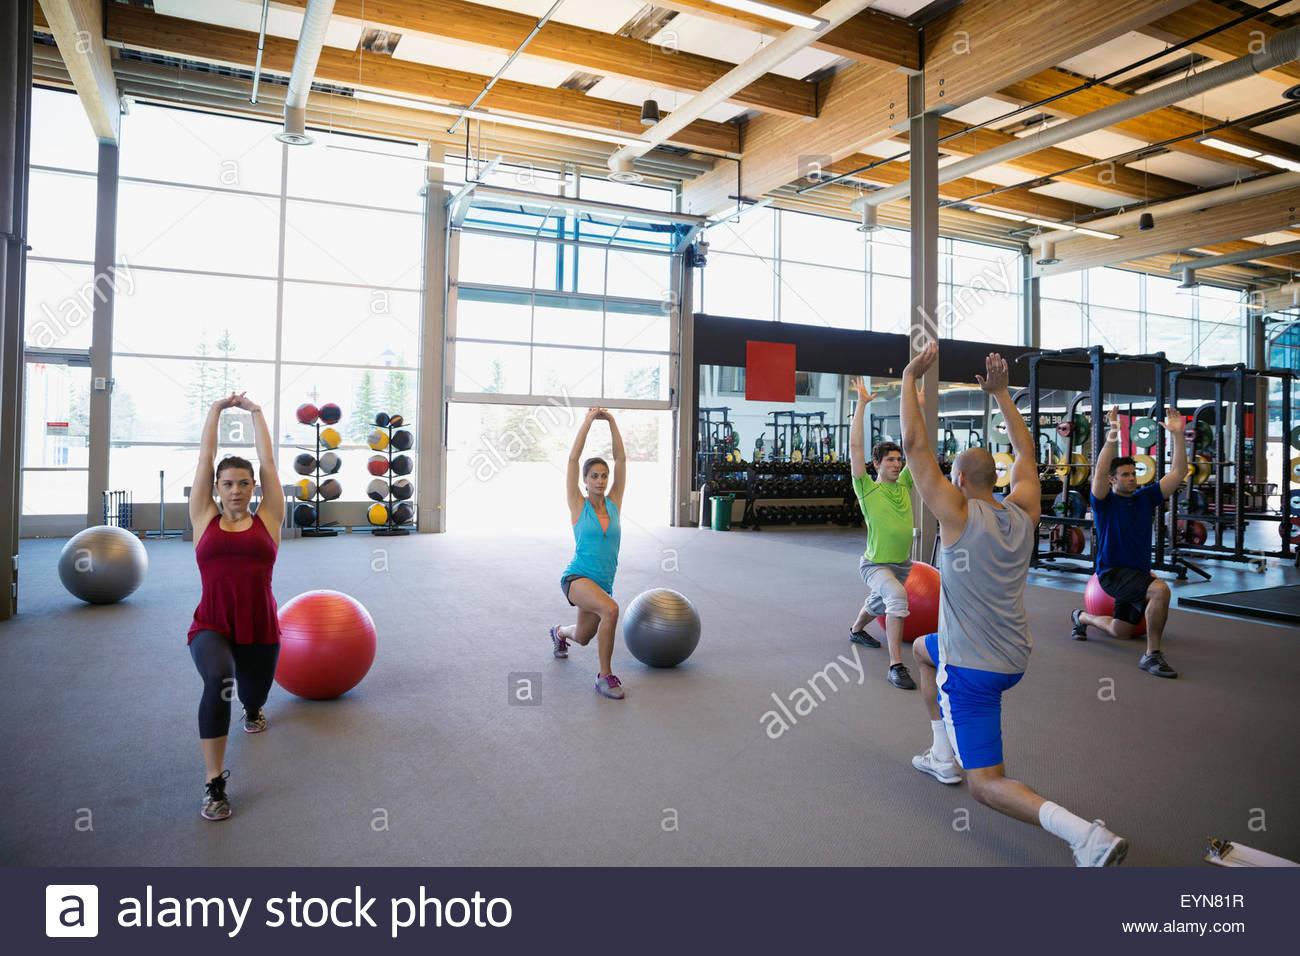 Übung Klasse machen Ausfallschritte mit Armen angehoben gym Stockbild